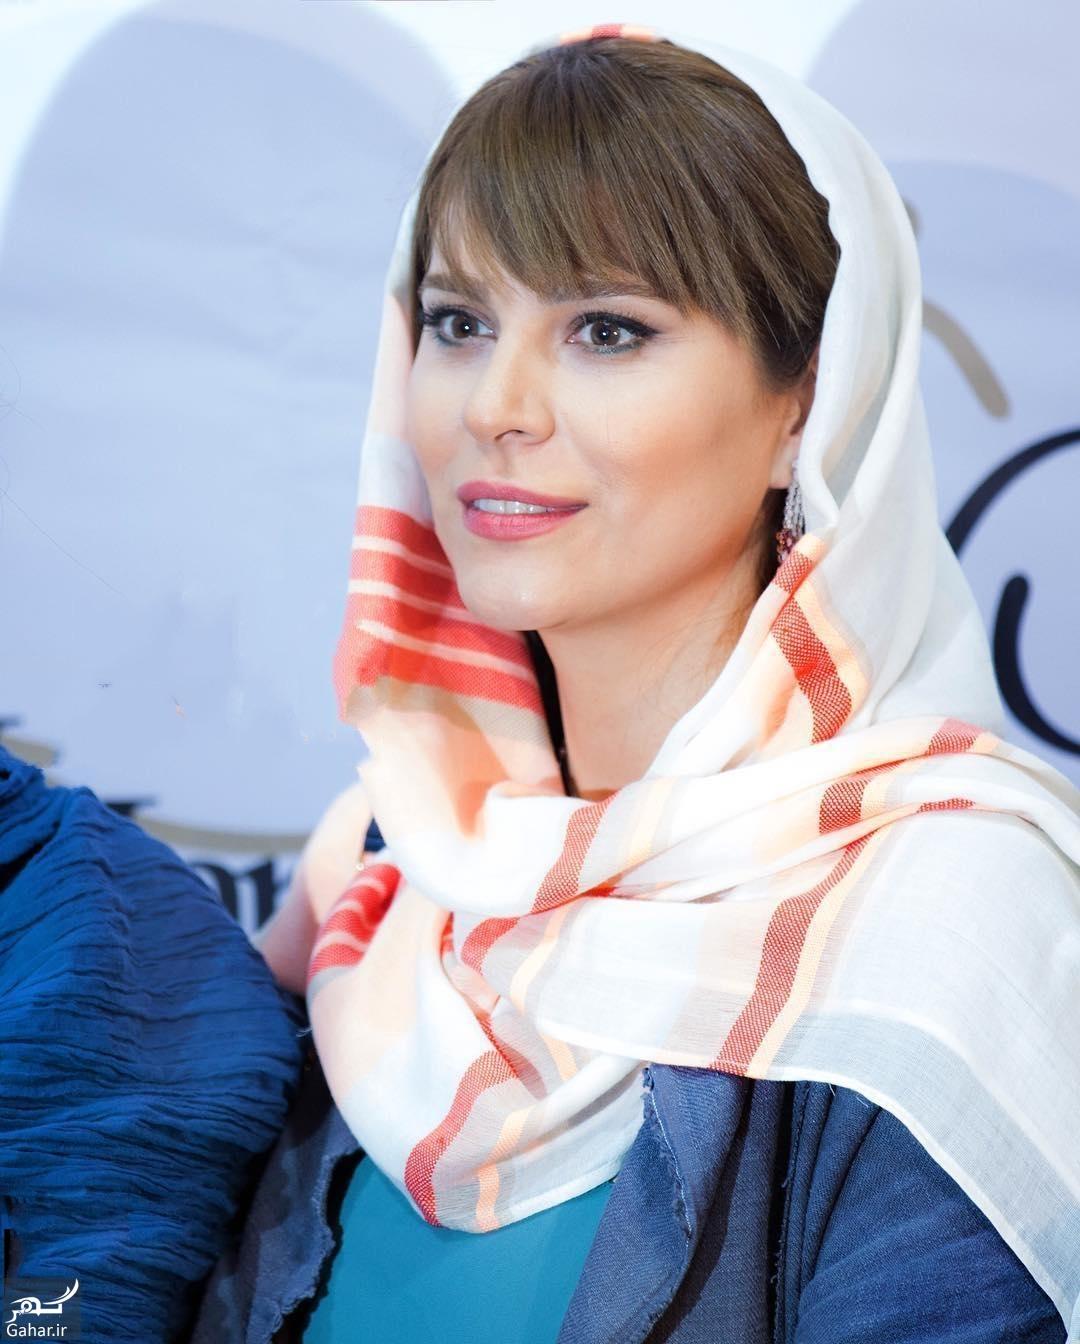 Sahar Dolatshahi 1 عکسهای جدید سحر دولتشاهی به مناسبت تولد 37 سالگی اش